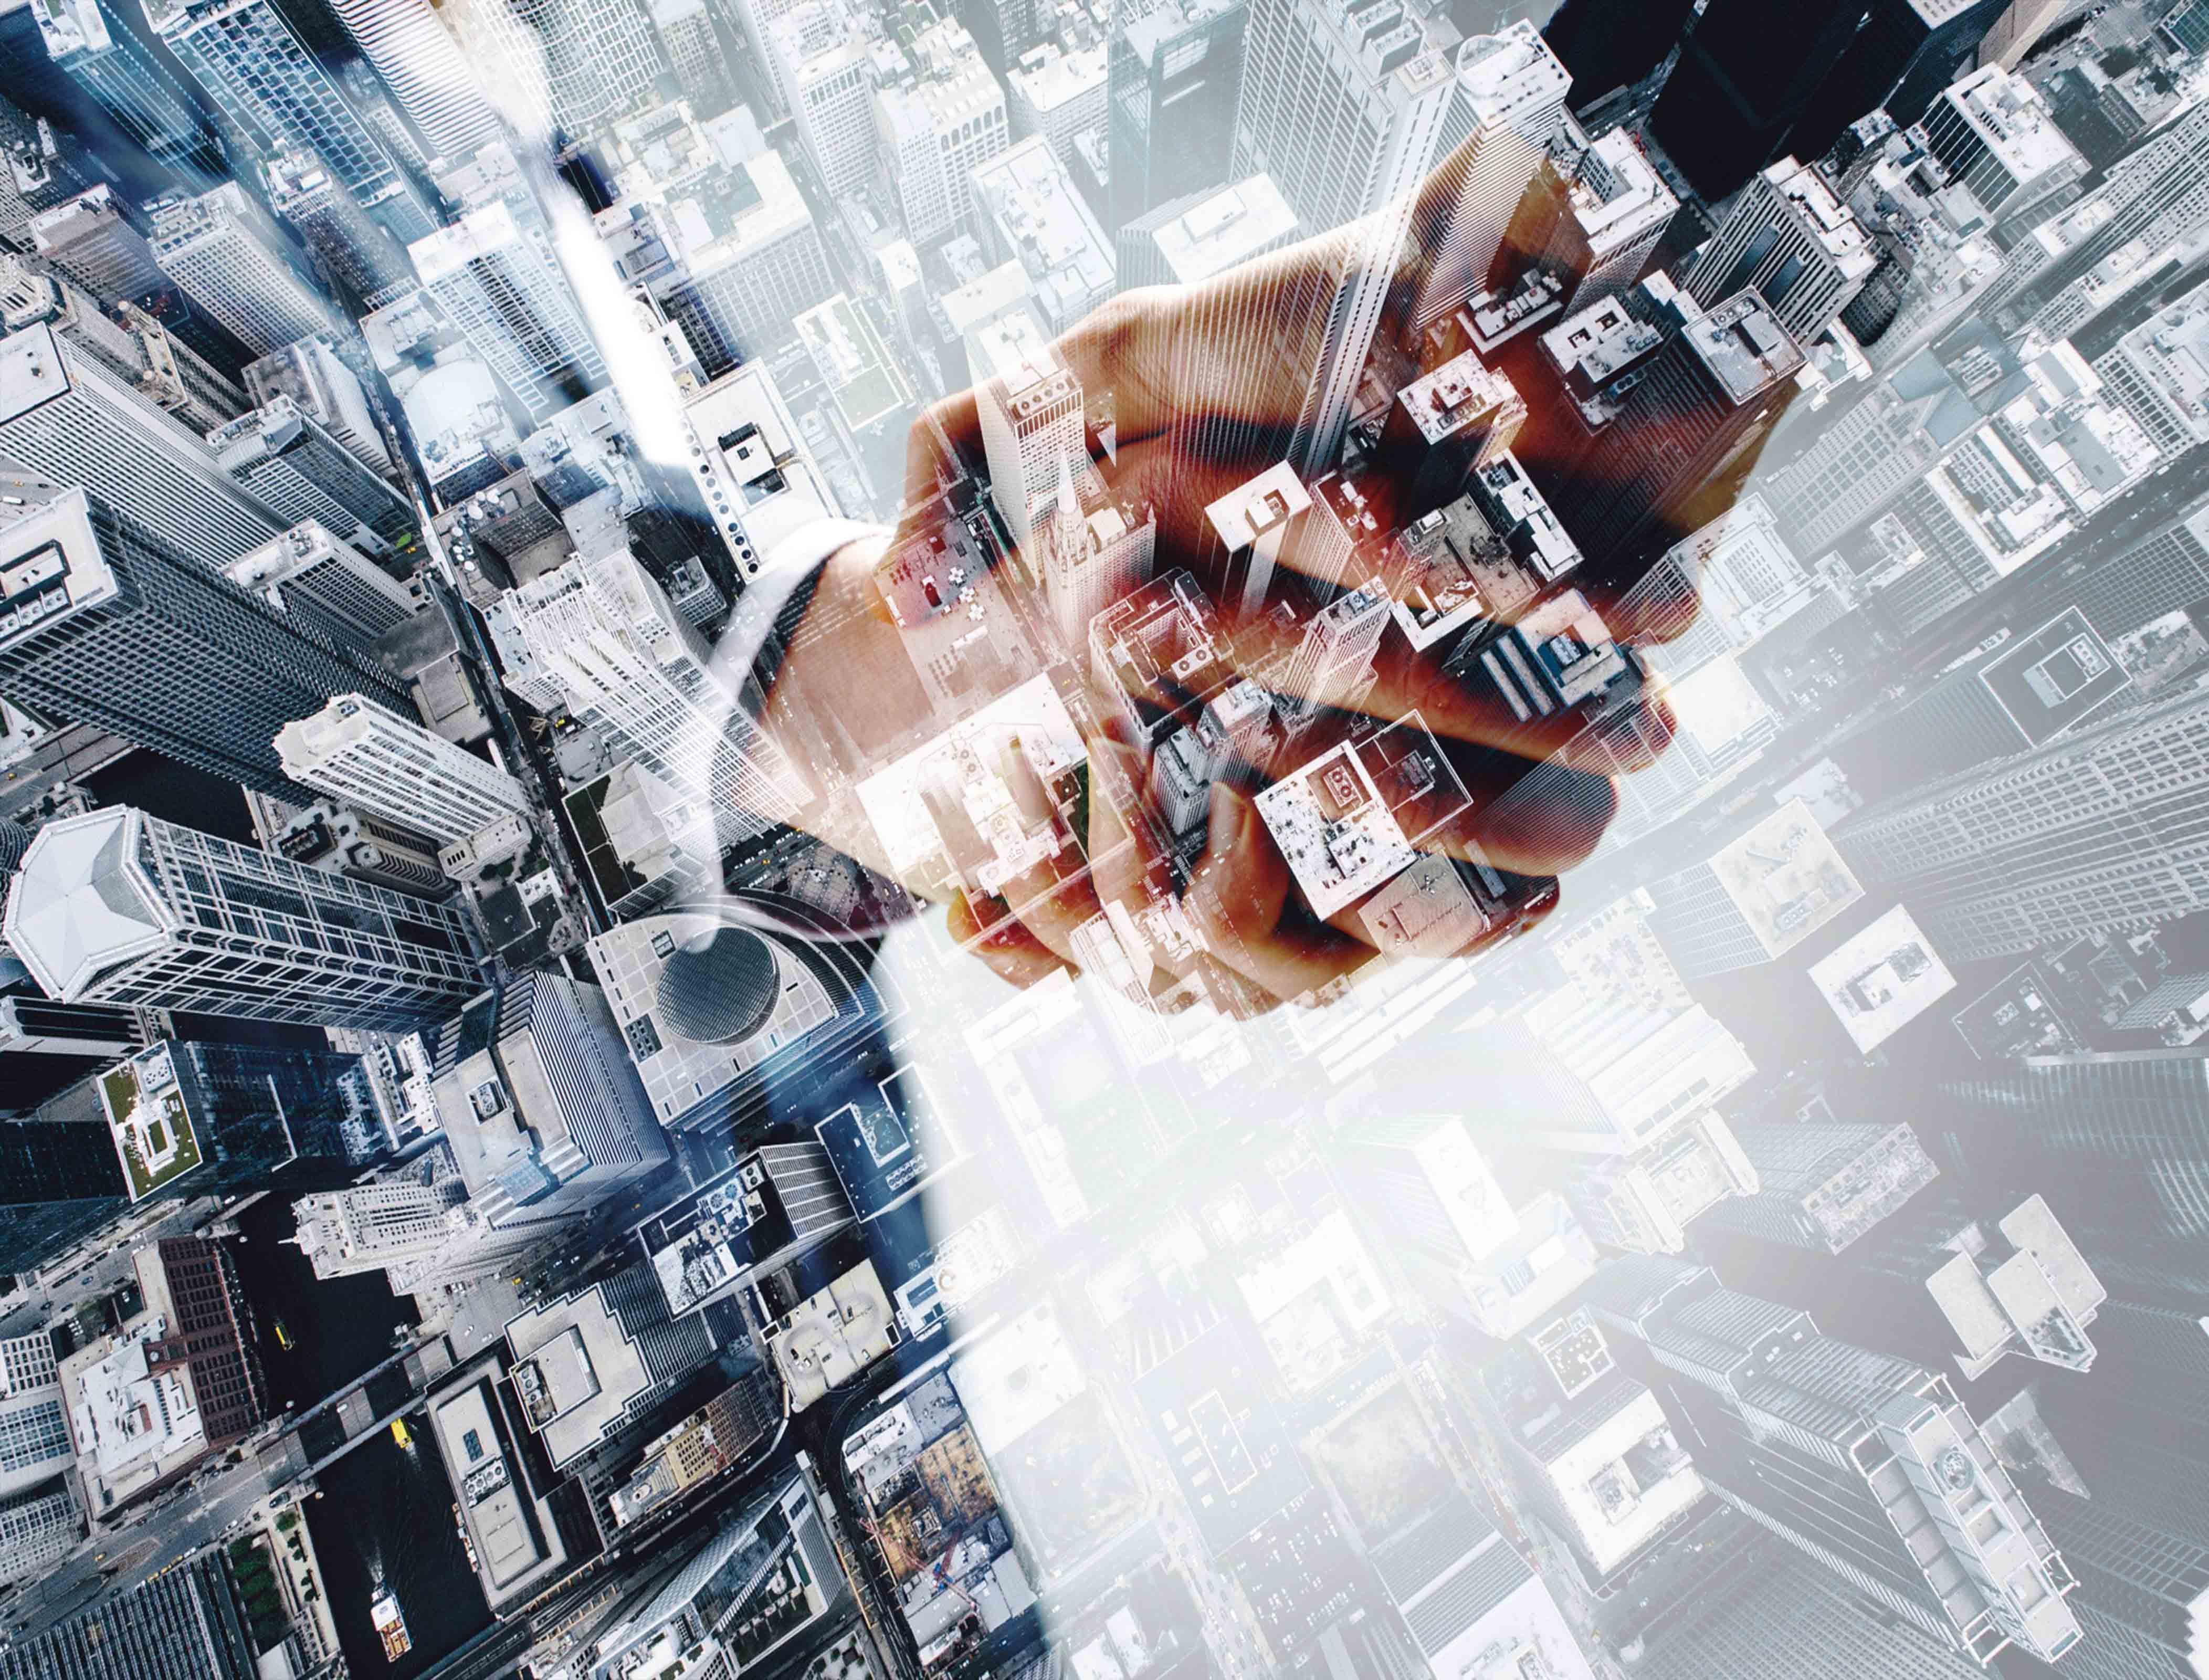 软件定制公司创业期应注意的内容3